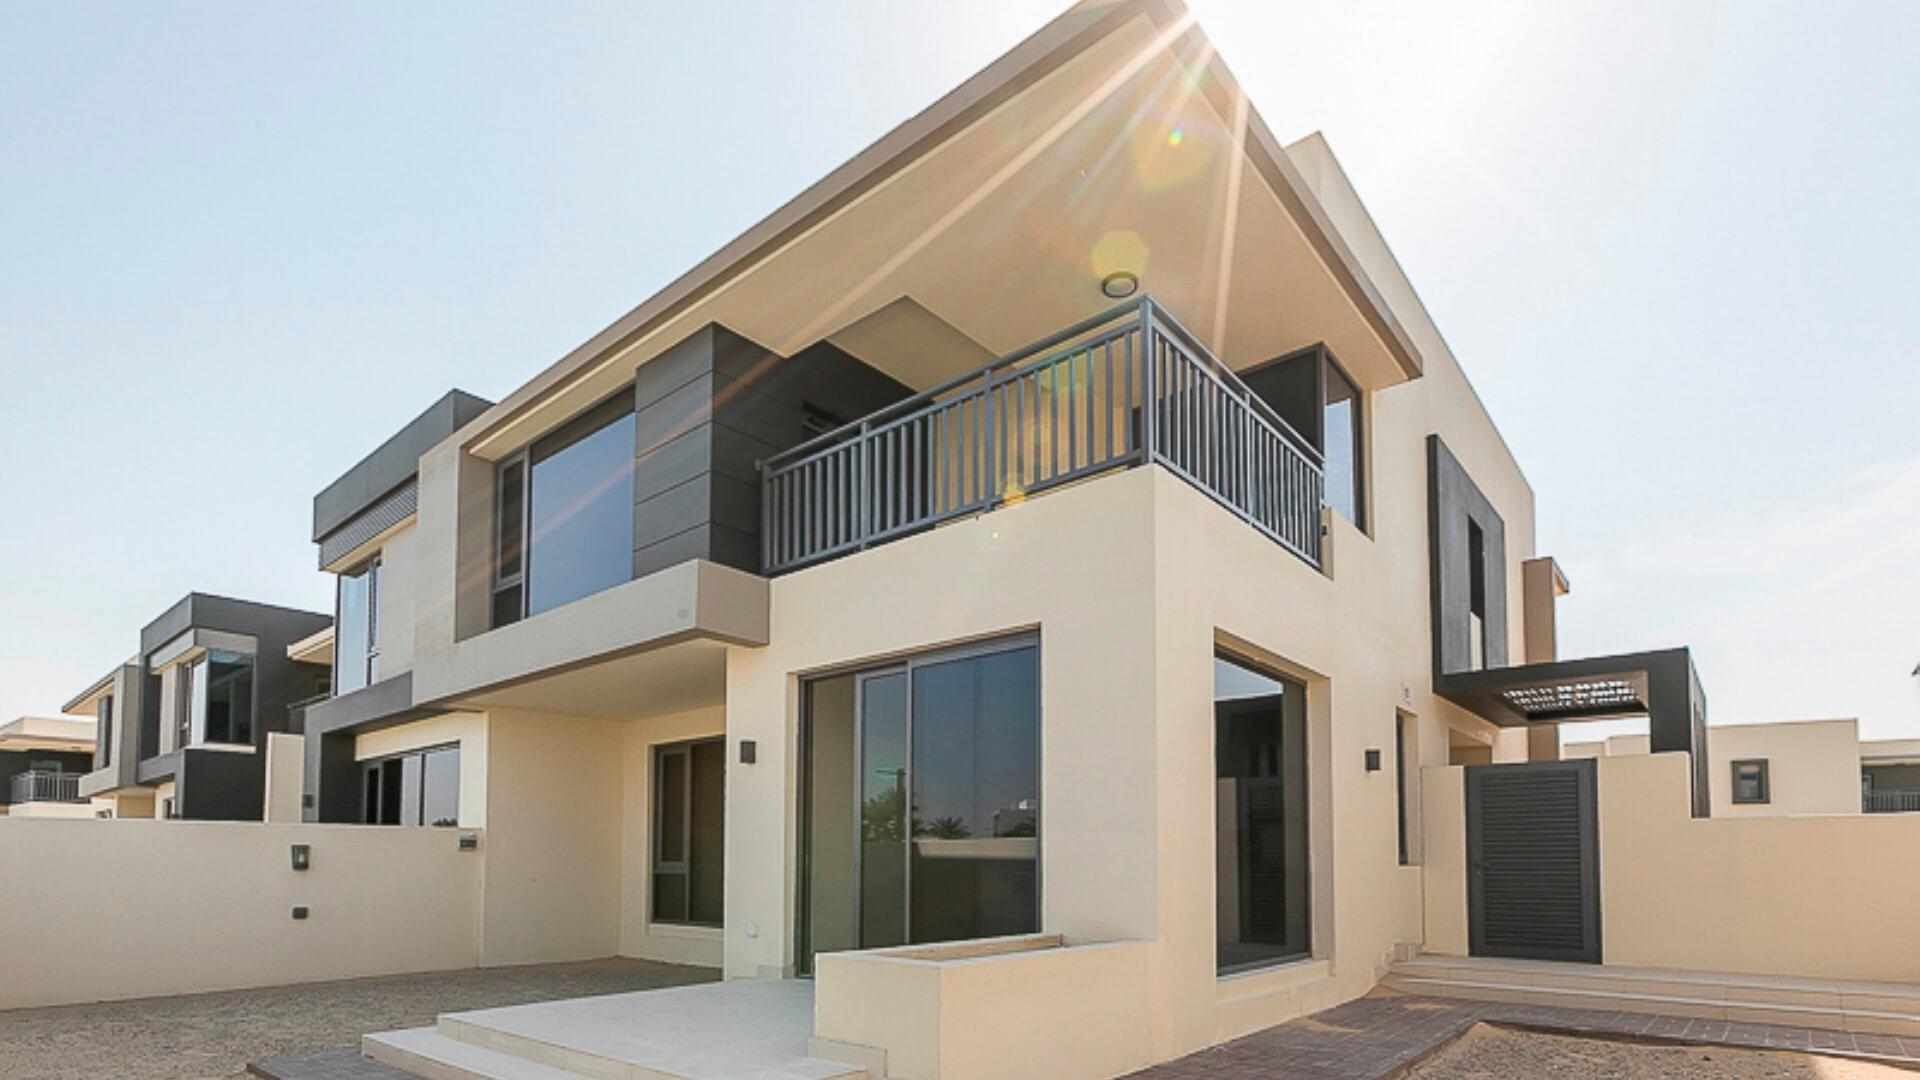 Adosado en venta en Dubai, EAU, 3 dormitorios, 223 m2, № 24374 – foto 1